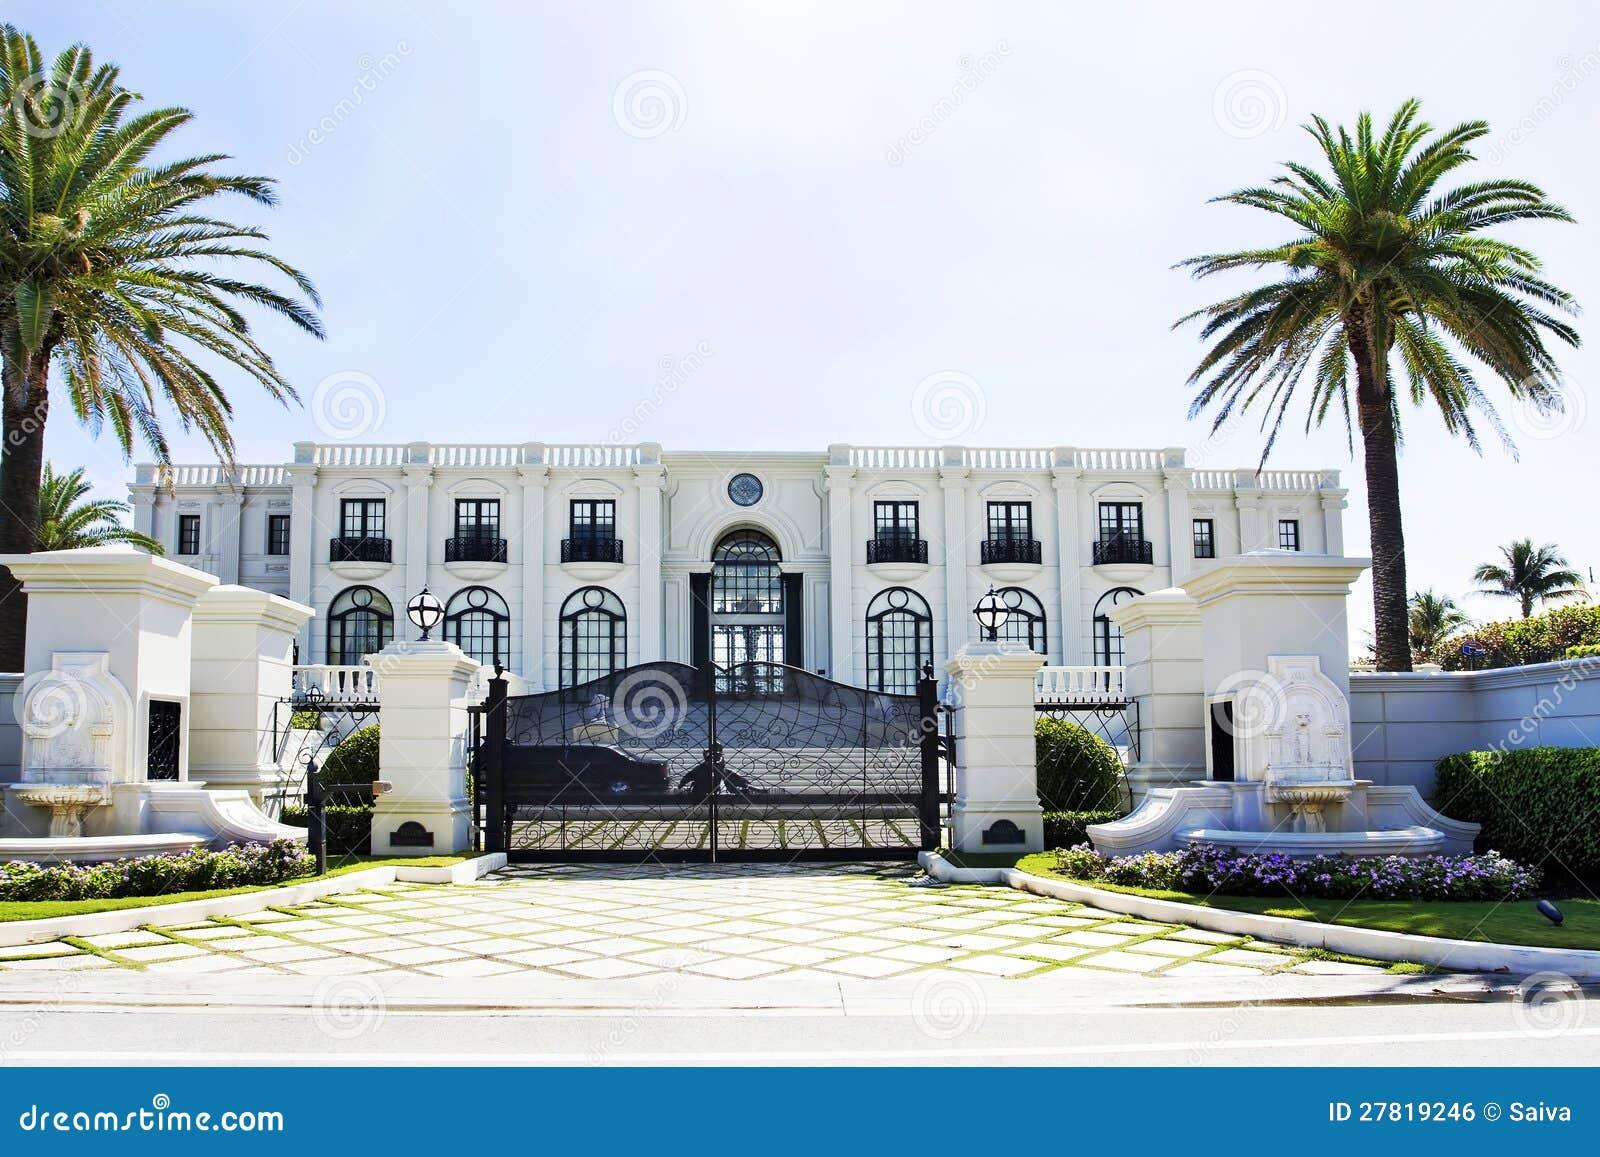 Spanish Villa Style Homes White Luxury House Royalty Free Stock Image Image 27819246